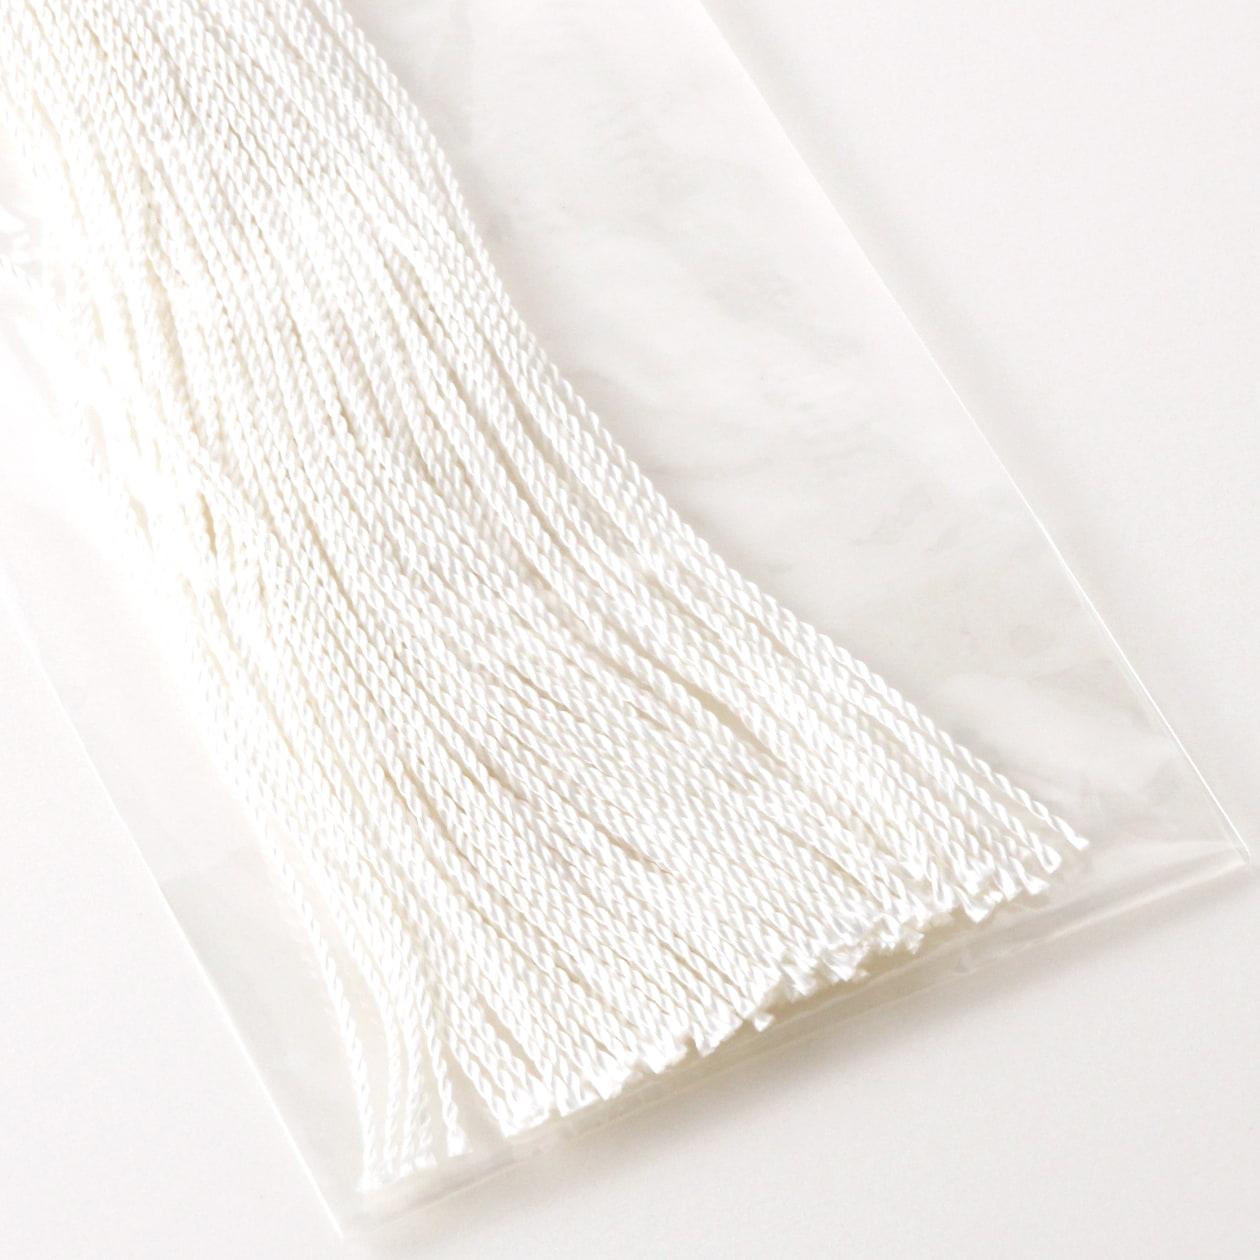 タグ紐 (太)絹ツヤホワイト30cm 1パック/約100本入